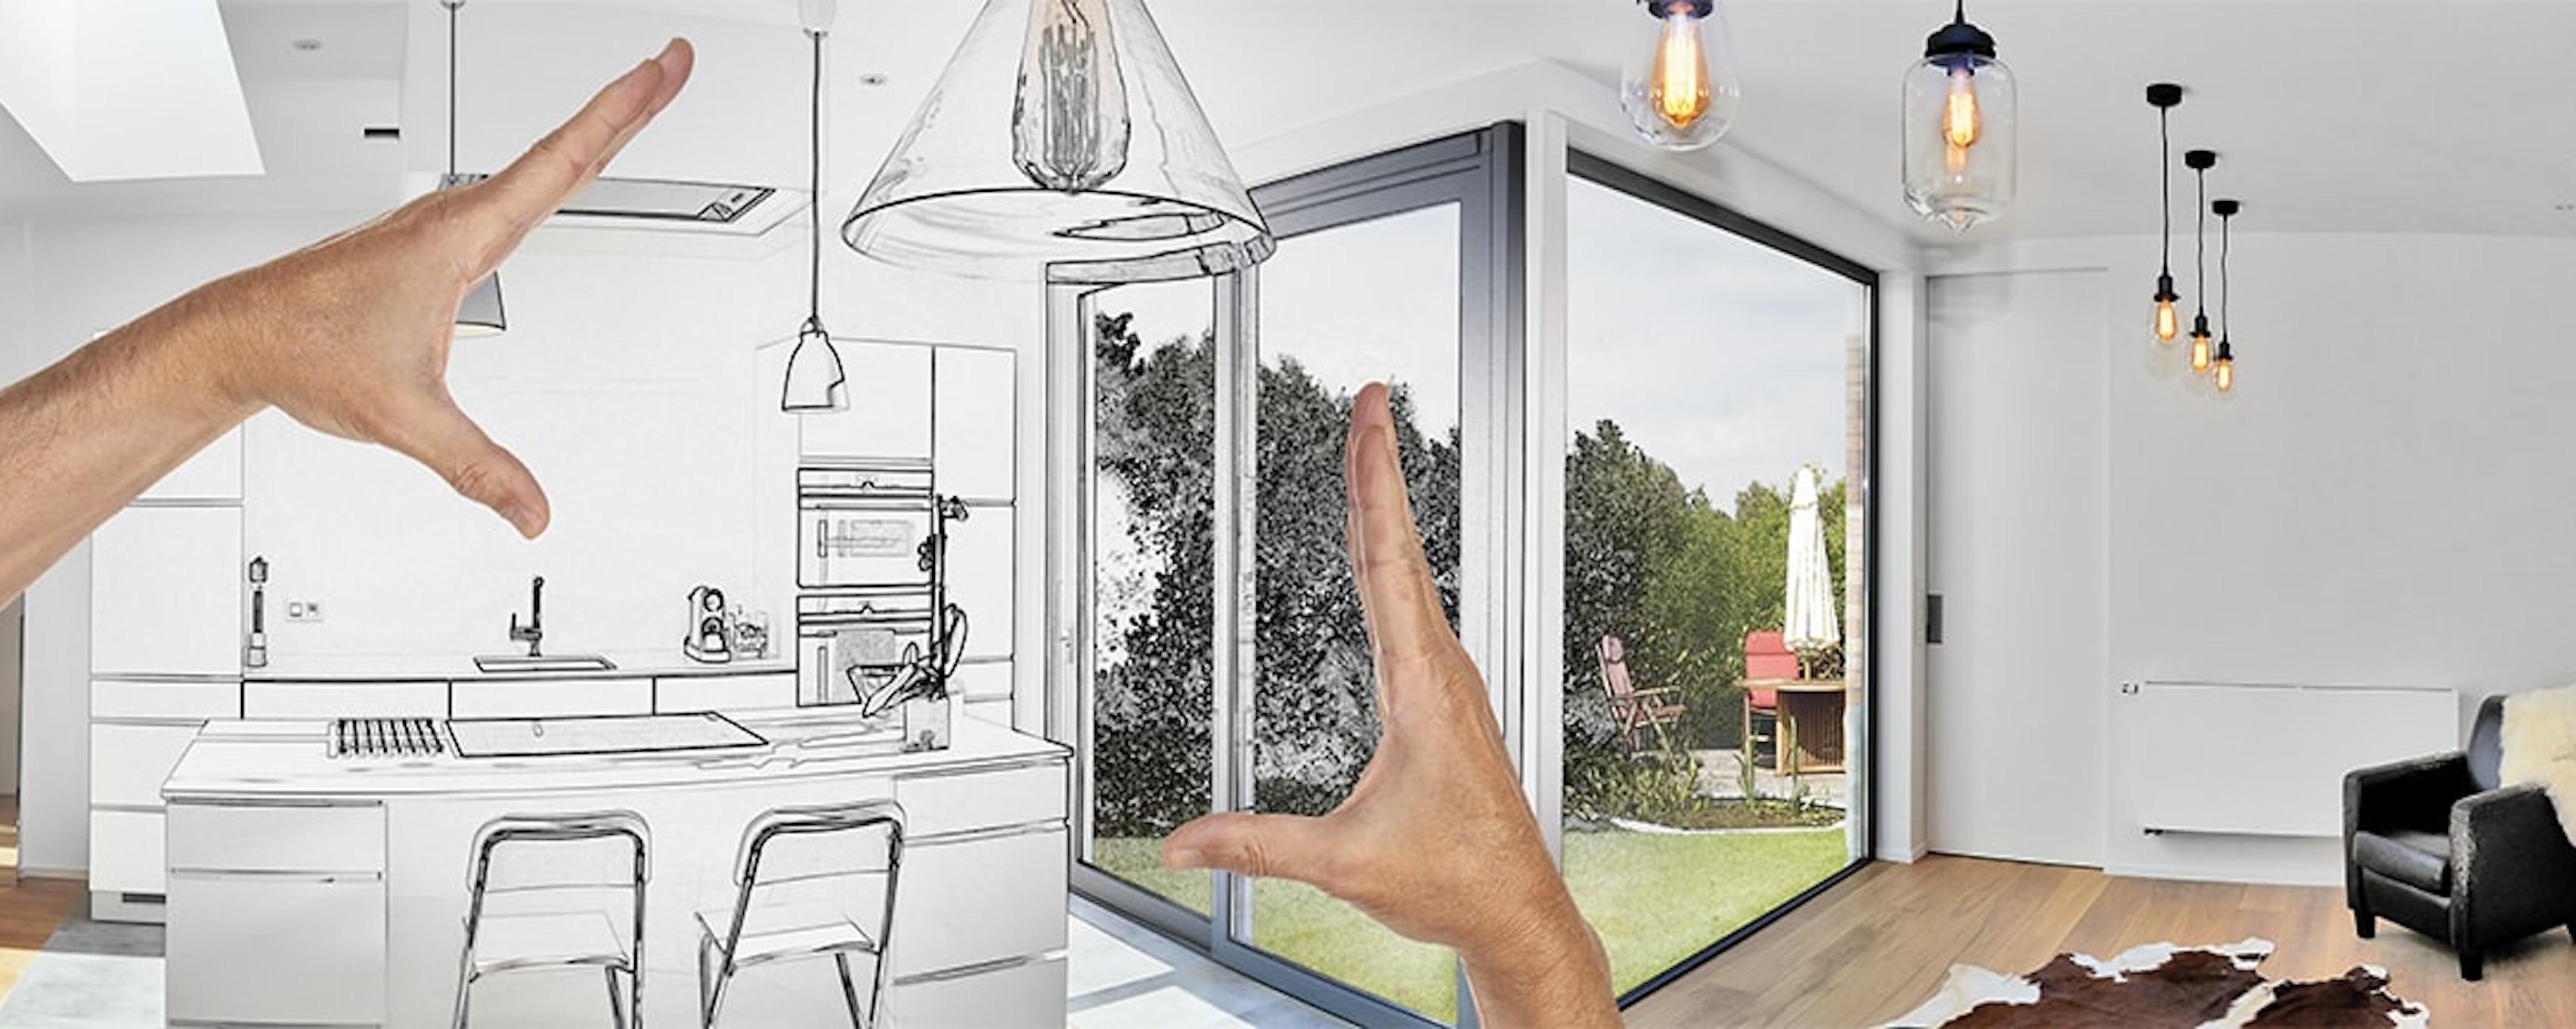 Faire Une Fenetre Dans Un Mur Porteur Prix quel coût pour les travaux de gros oeuvre d'une maison ?